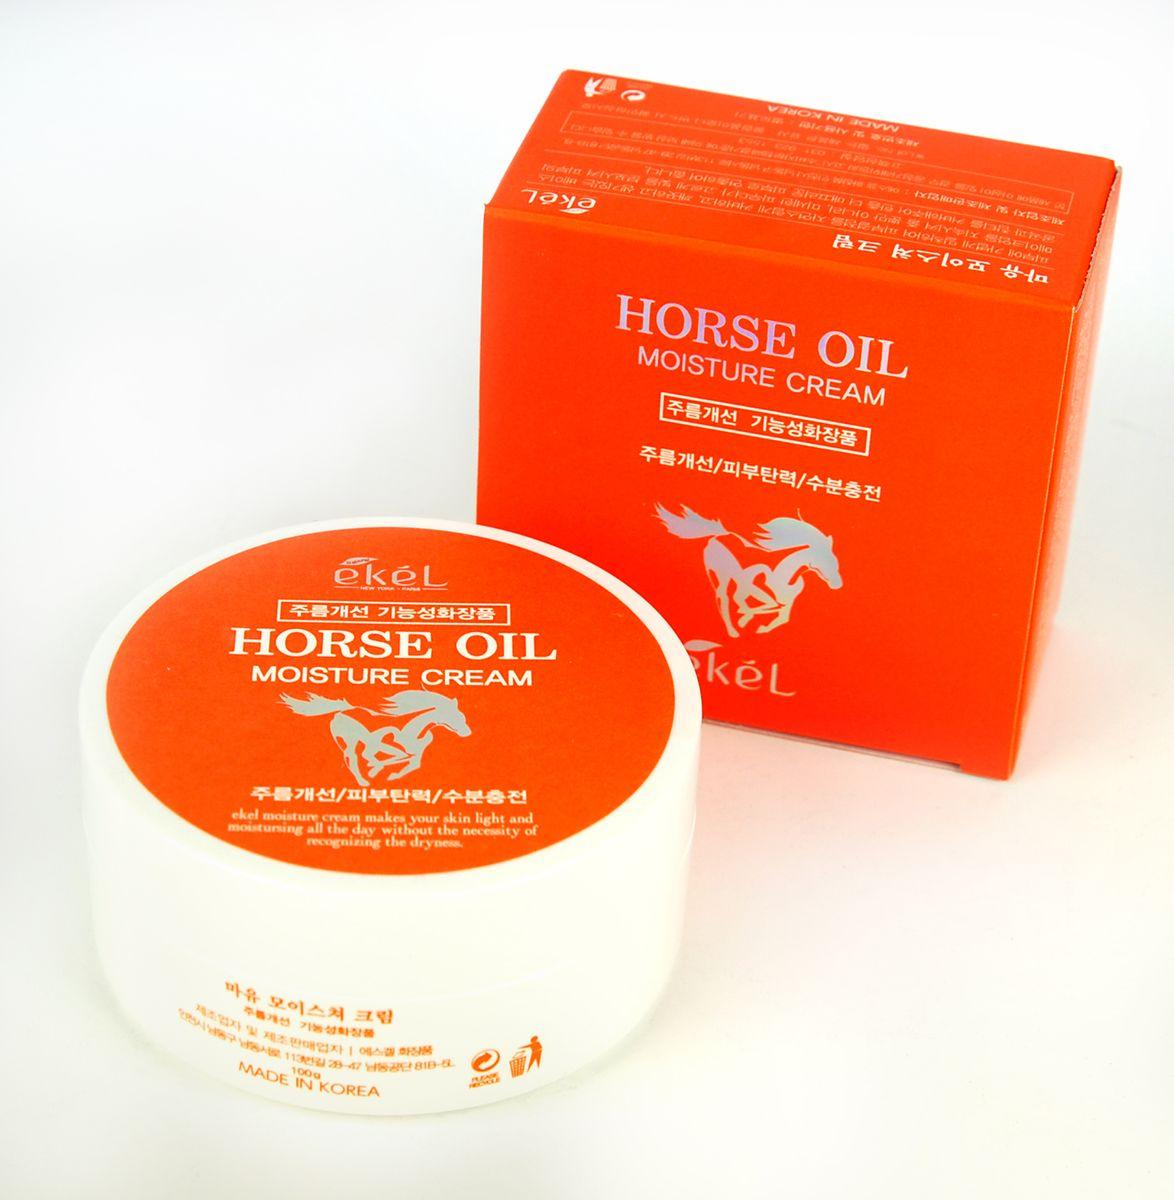 Ekel Увлажняющий крем с экстрактом лошадиного жира, 100 мл537245Ультраувлажняющий крем с лошадиным жиром обеспечивает прекрасный уход за пересохшей кожей. Высокое содержание пальмитолеиновой и линолиевой кислот в лошадином жире дает блестящую и здоровую кожу. Крем содержит высокую концентрацию масляных ингредиентов южнокорейских лошадей, обладающих способностью восстановления и глубокого увлажнения кожи. Крем способен напитать влагой, витаминами и необходимыми жирными кислотами обезвоженную и увядающую кожу, а также оживит и смягчит обветренную, дряблую и огрубевшую кожу. Издревле конский жир использовали как народное средство при различных кожных заболеваниях. Раны, ожоги, воспаления - все это быстро исцелял конский жир. Если ваша кожа утратила свежеть, упругость, и заметны видимые следы старения, пользуйтесь кремом с лошадиным жиром.